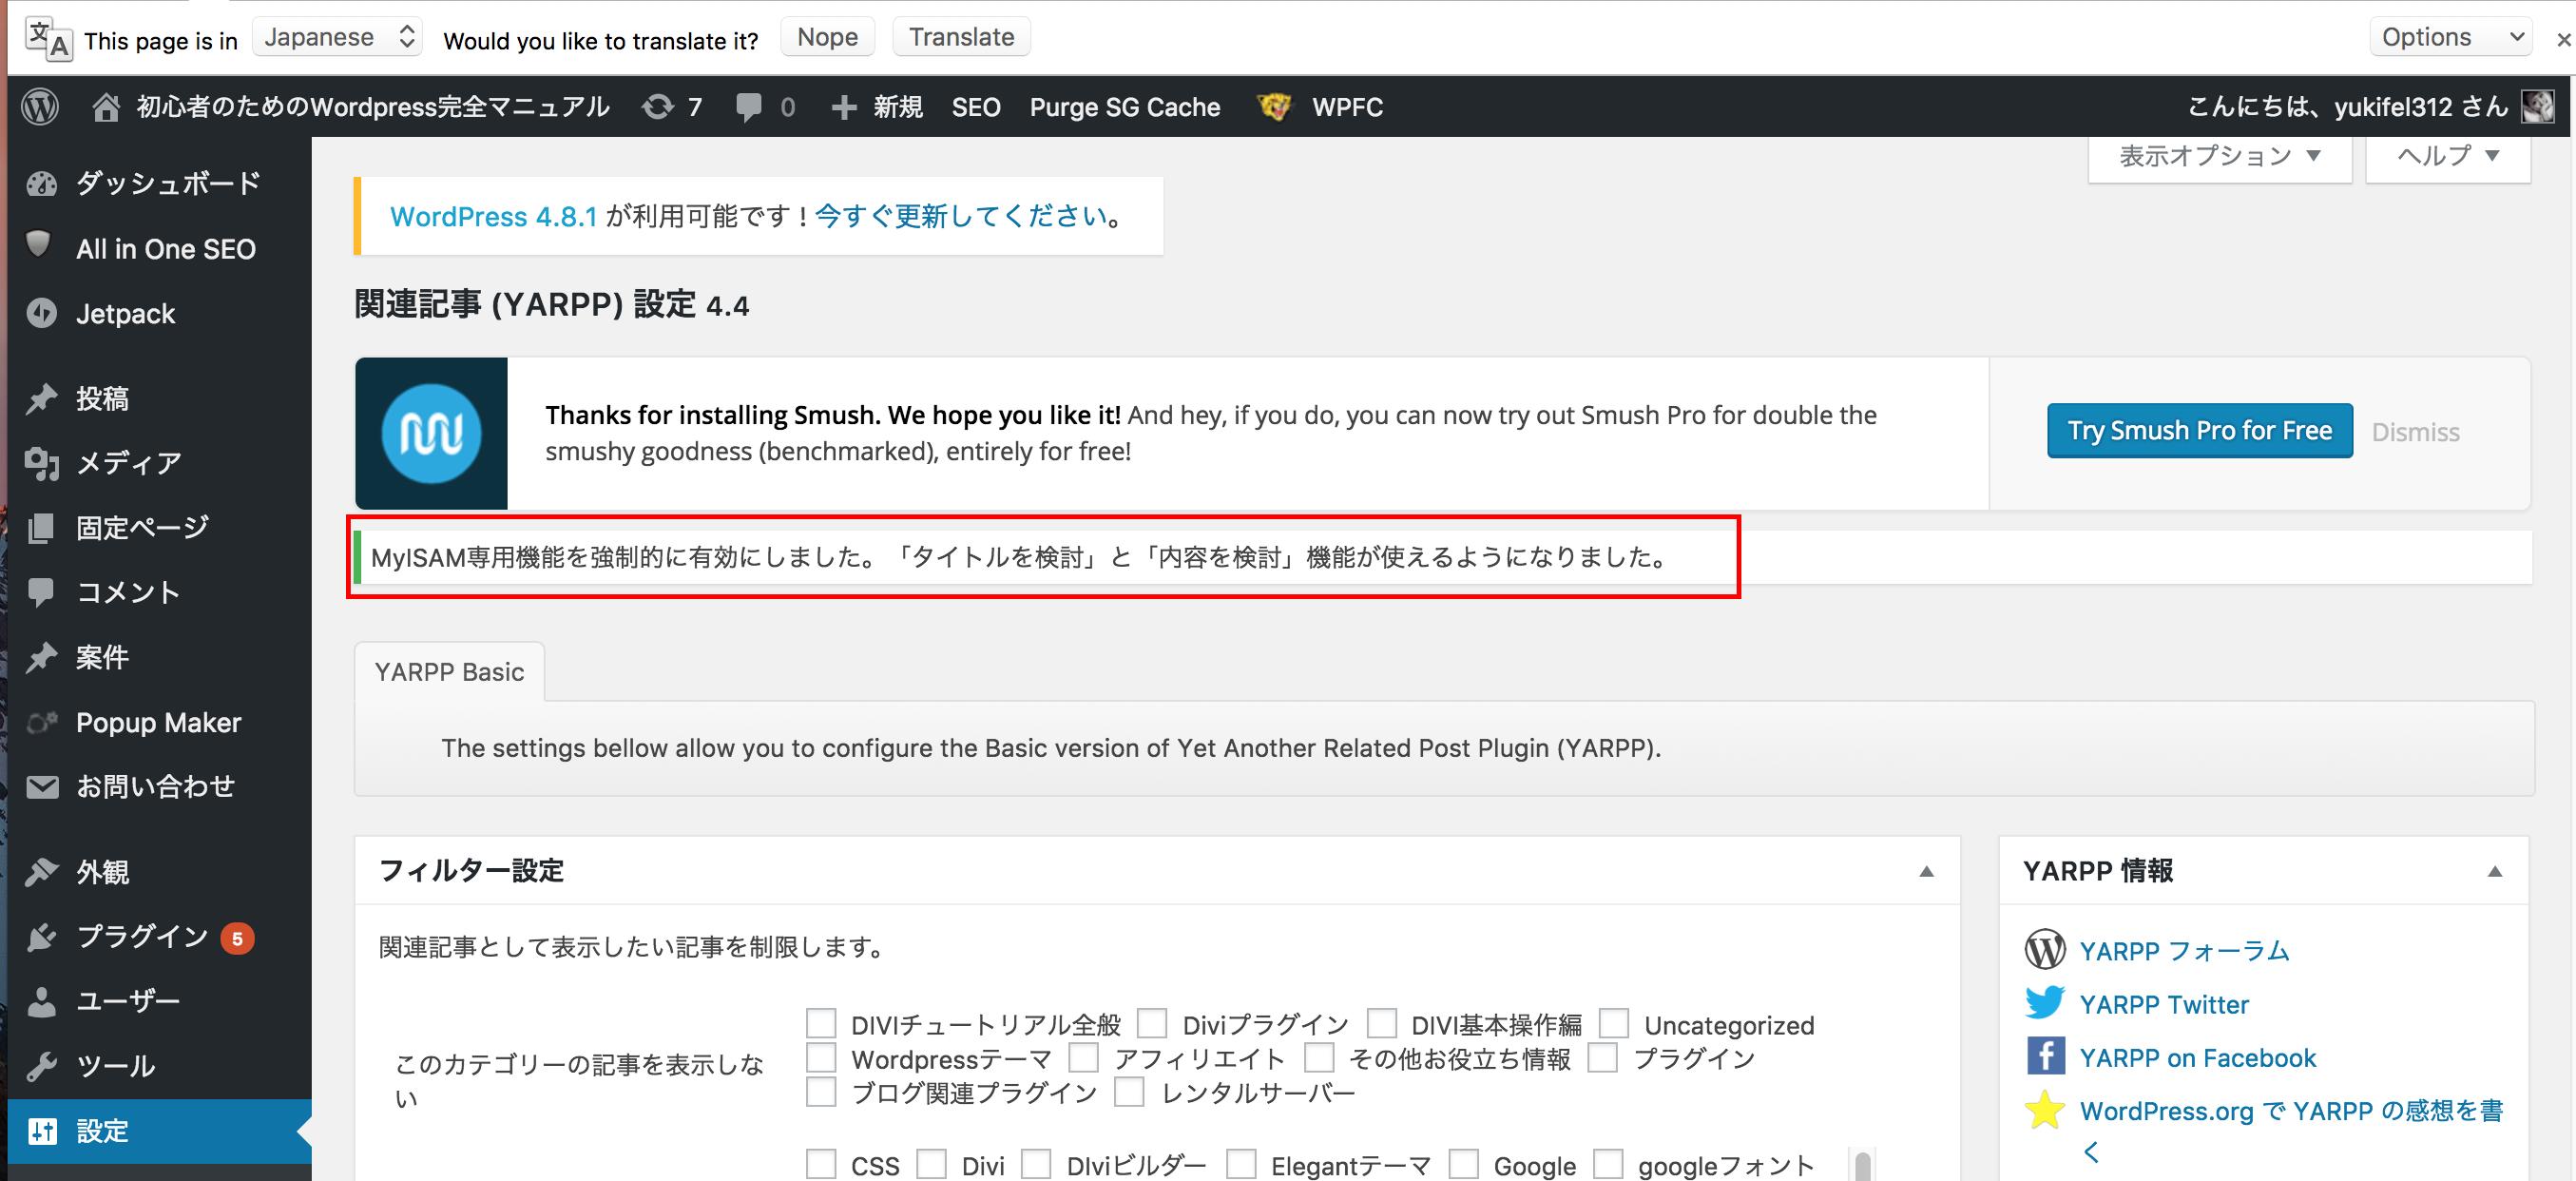 related post plugin demo screen shot